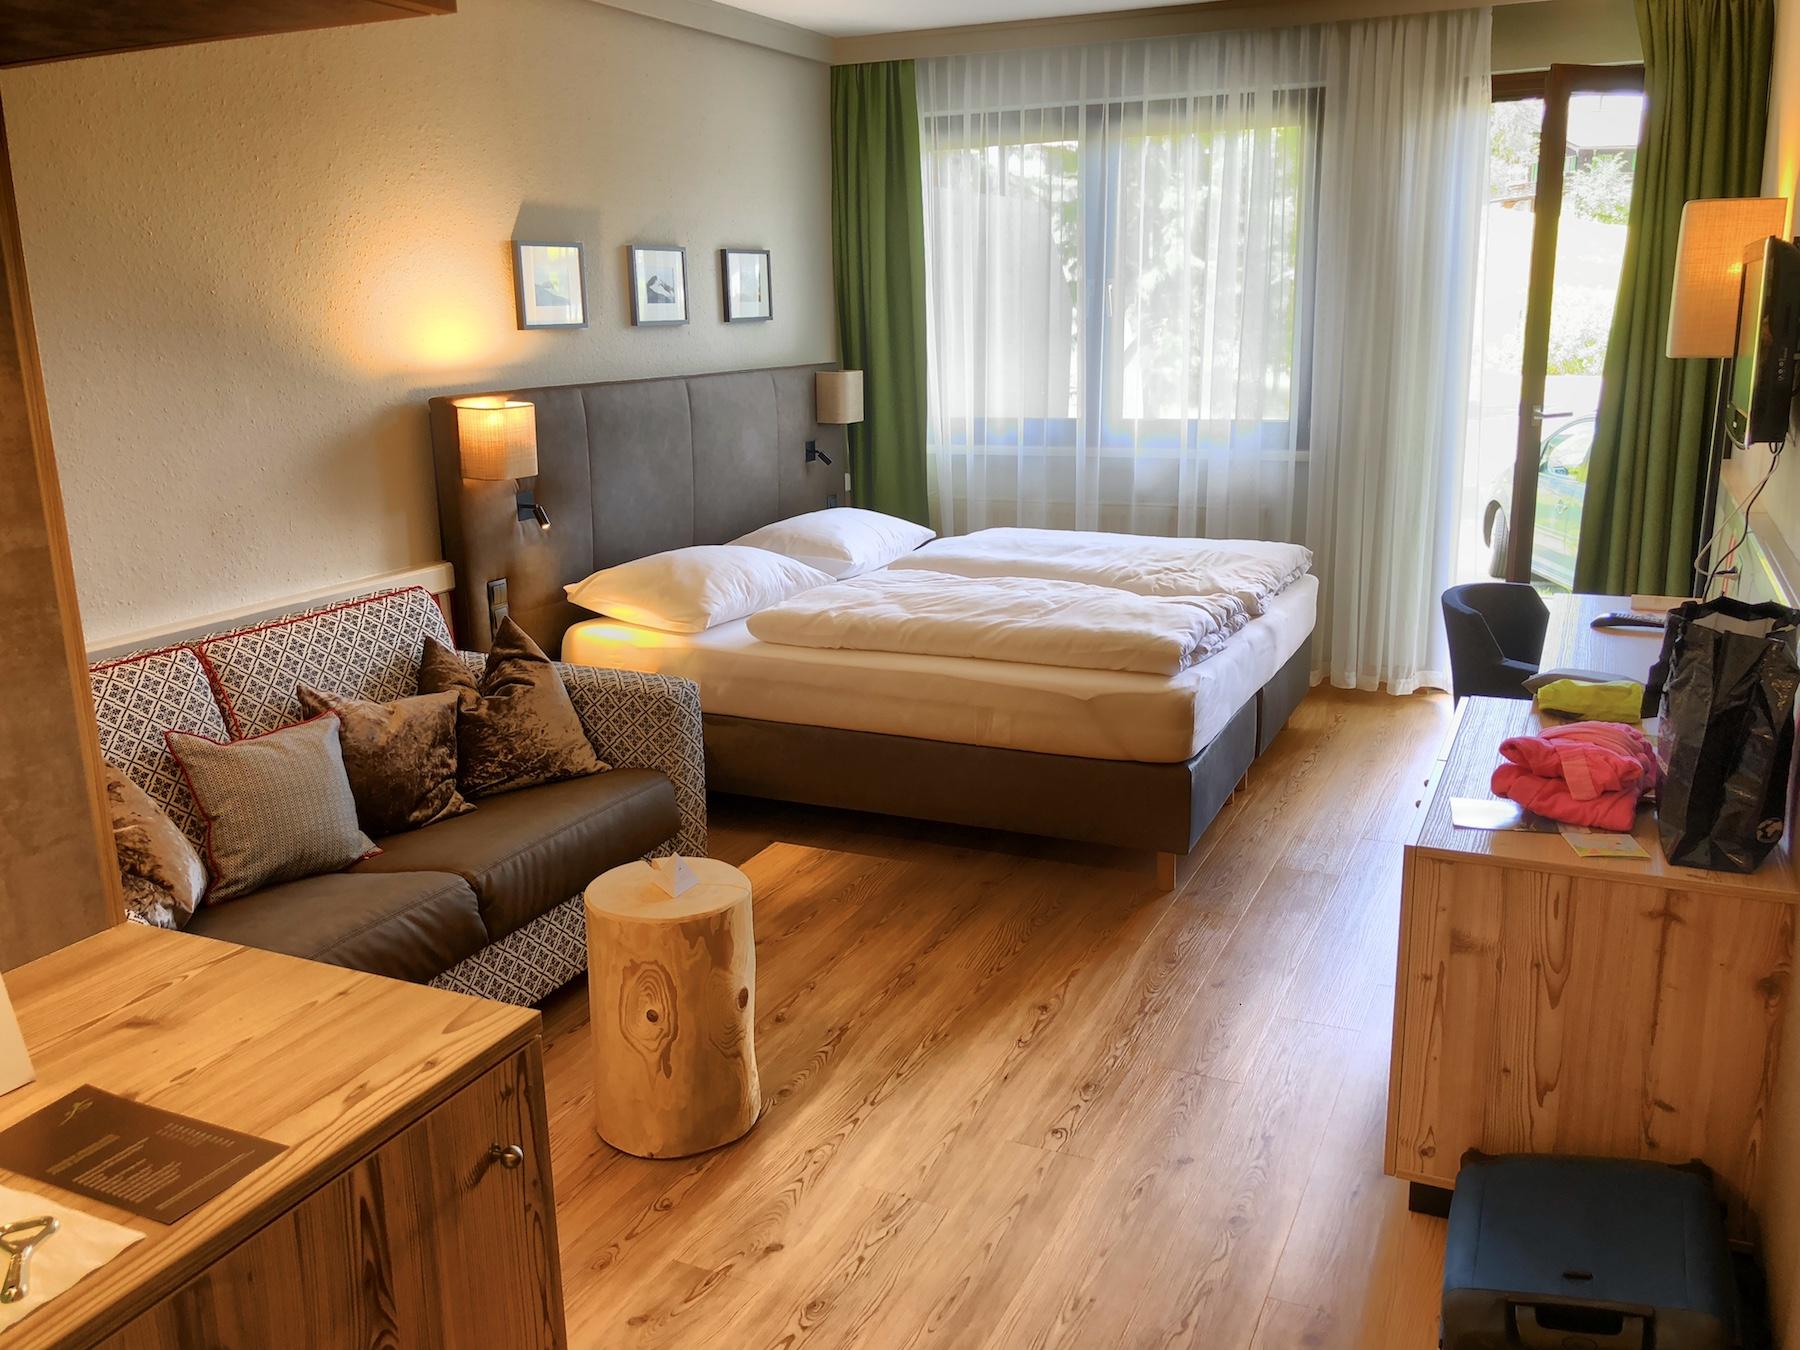 Blick in ein renoviertes Zimmer im Sporthotel Fontana in Fieberbrunn, Tirol, Österreich